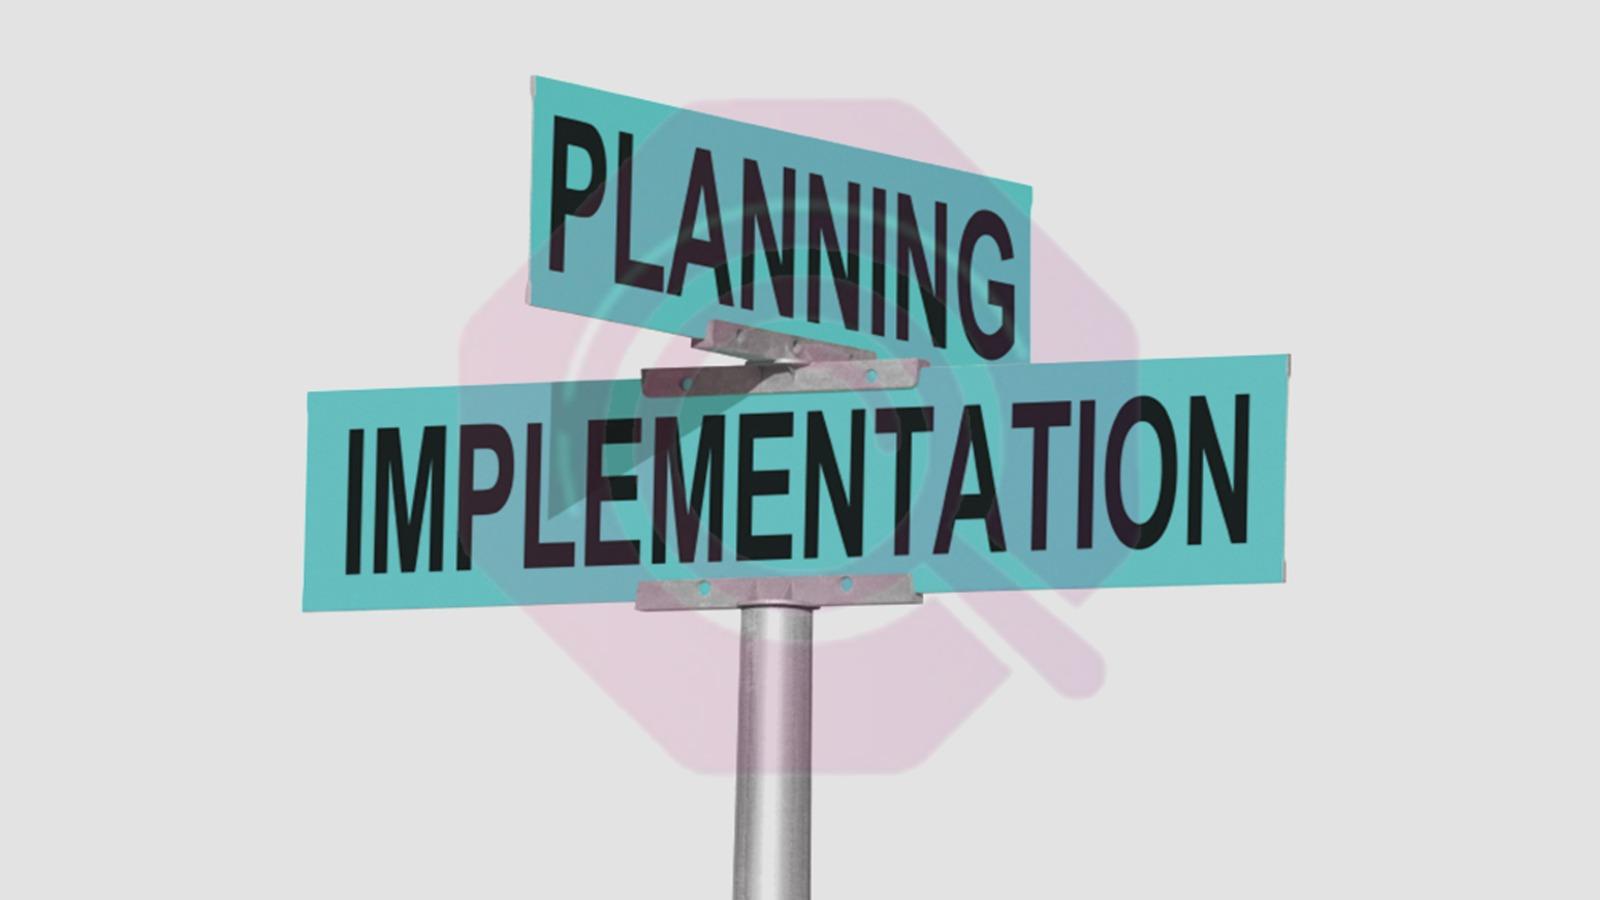 التخطيط والتنفيذ لتحقيق الأهداف